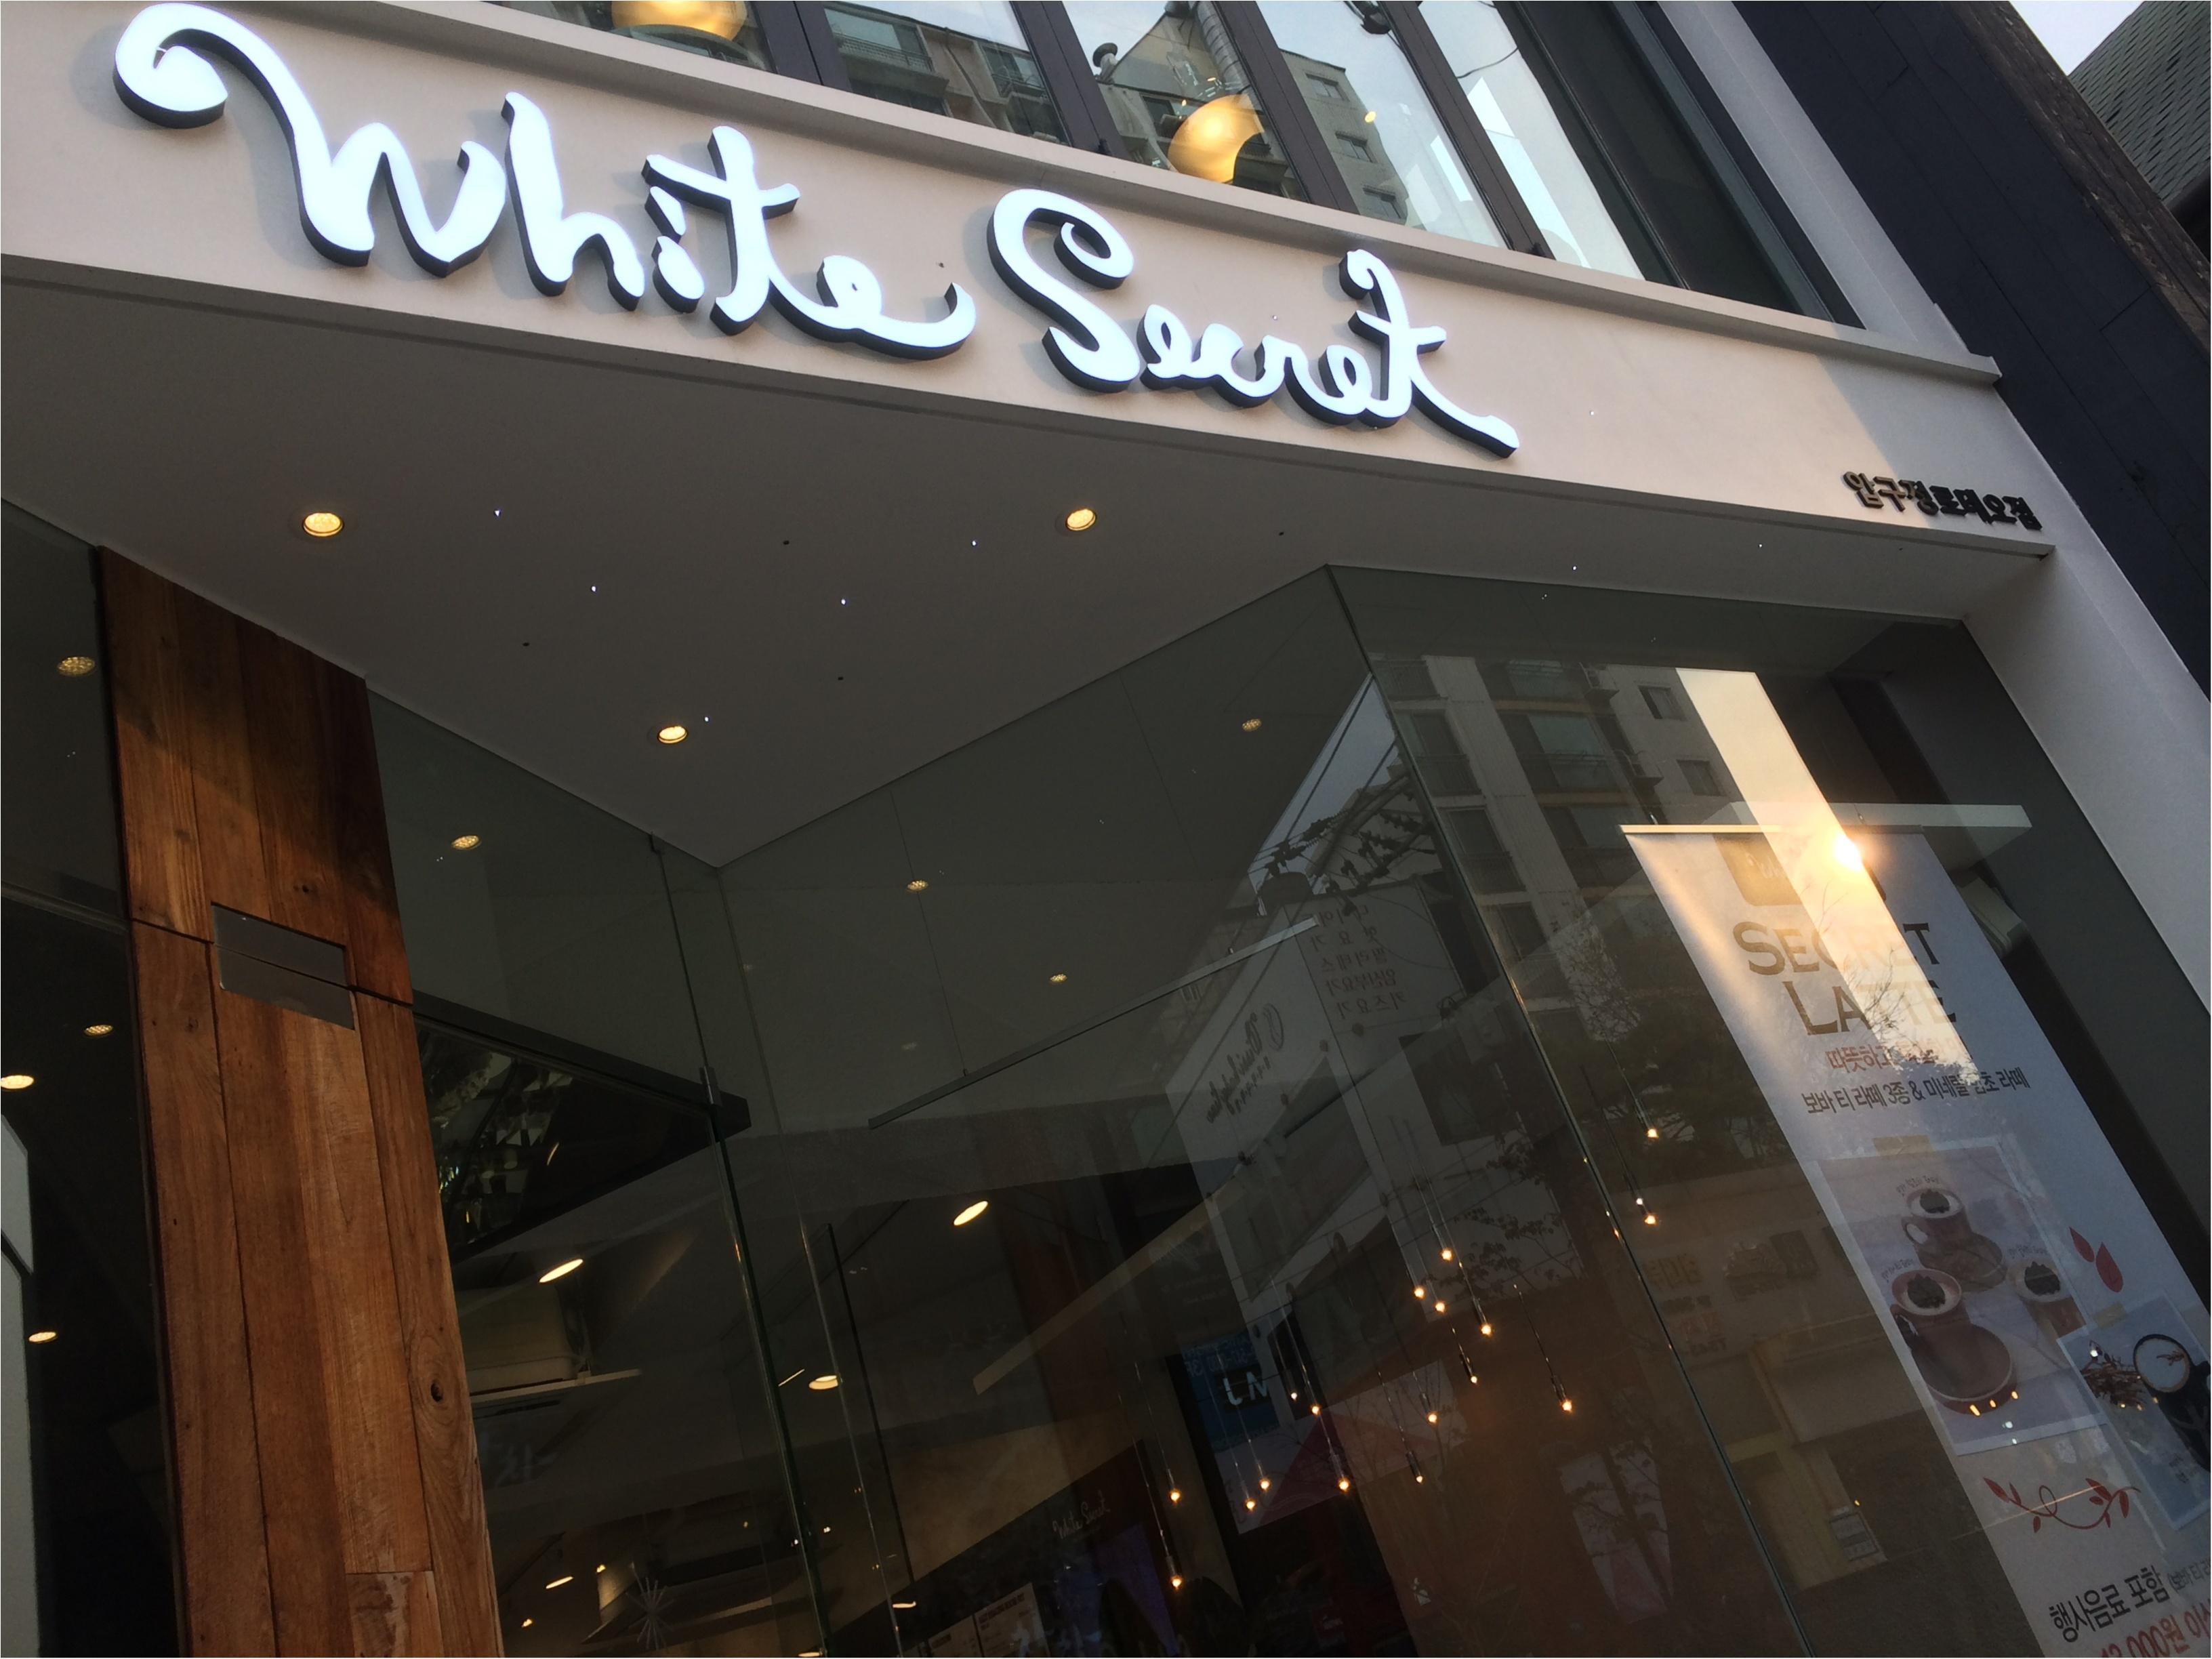 ★もはやカフェ大国?手軽にいける旅行先韓国より可愛さ満点、美味しさ抜群のカフェを紹介します!★_1